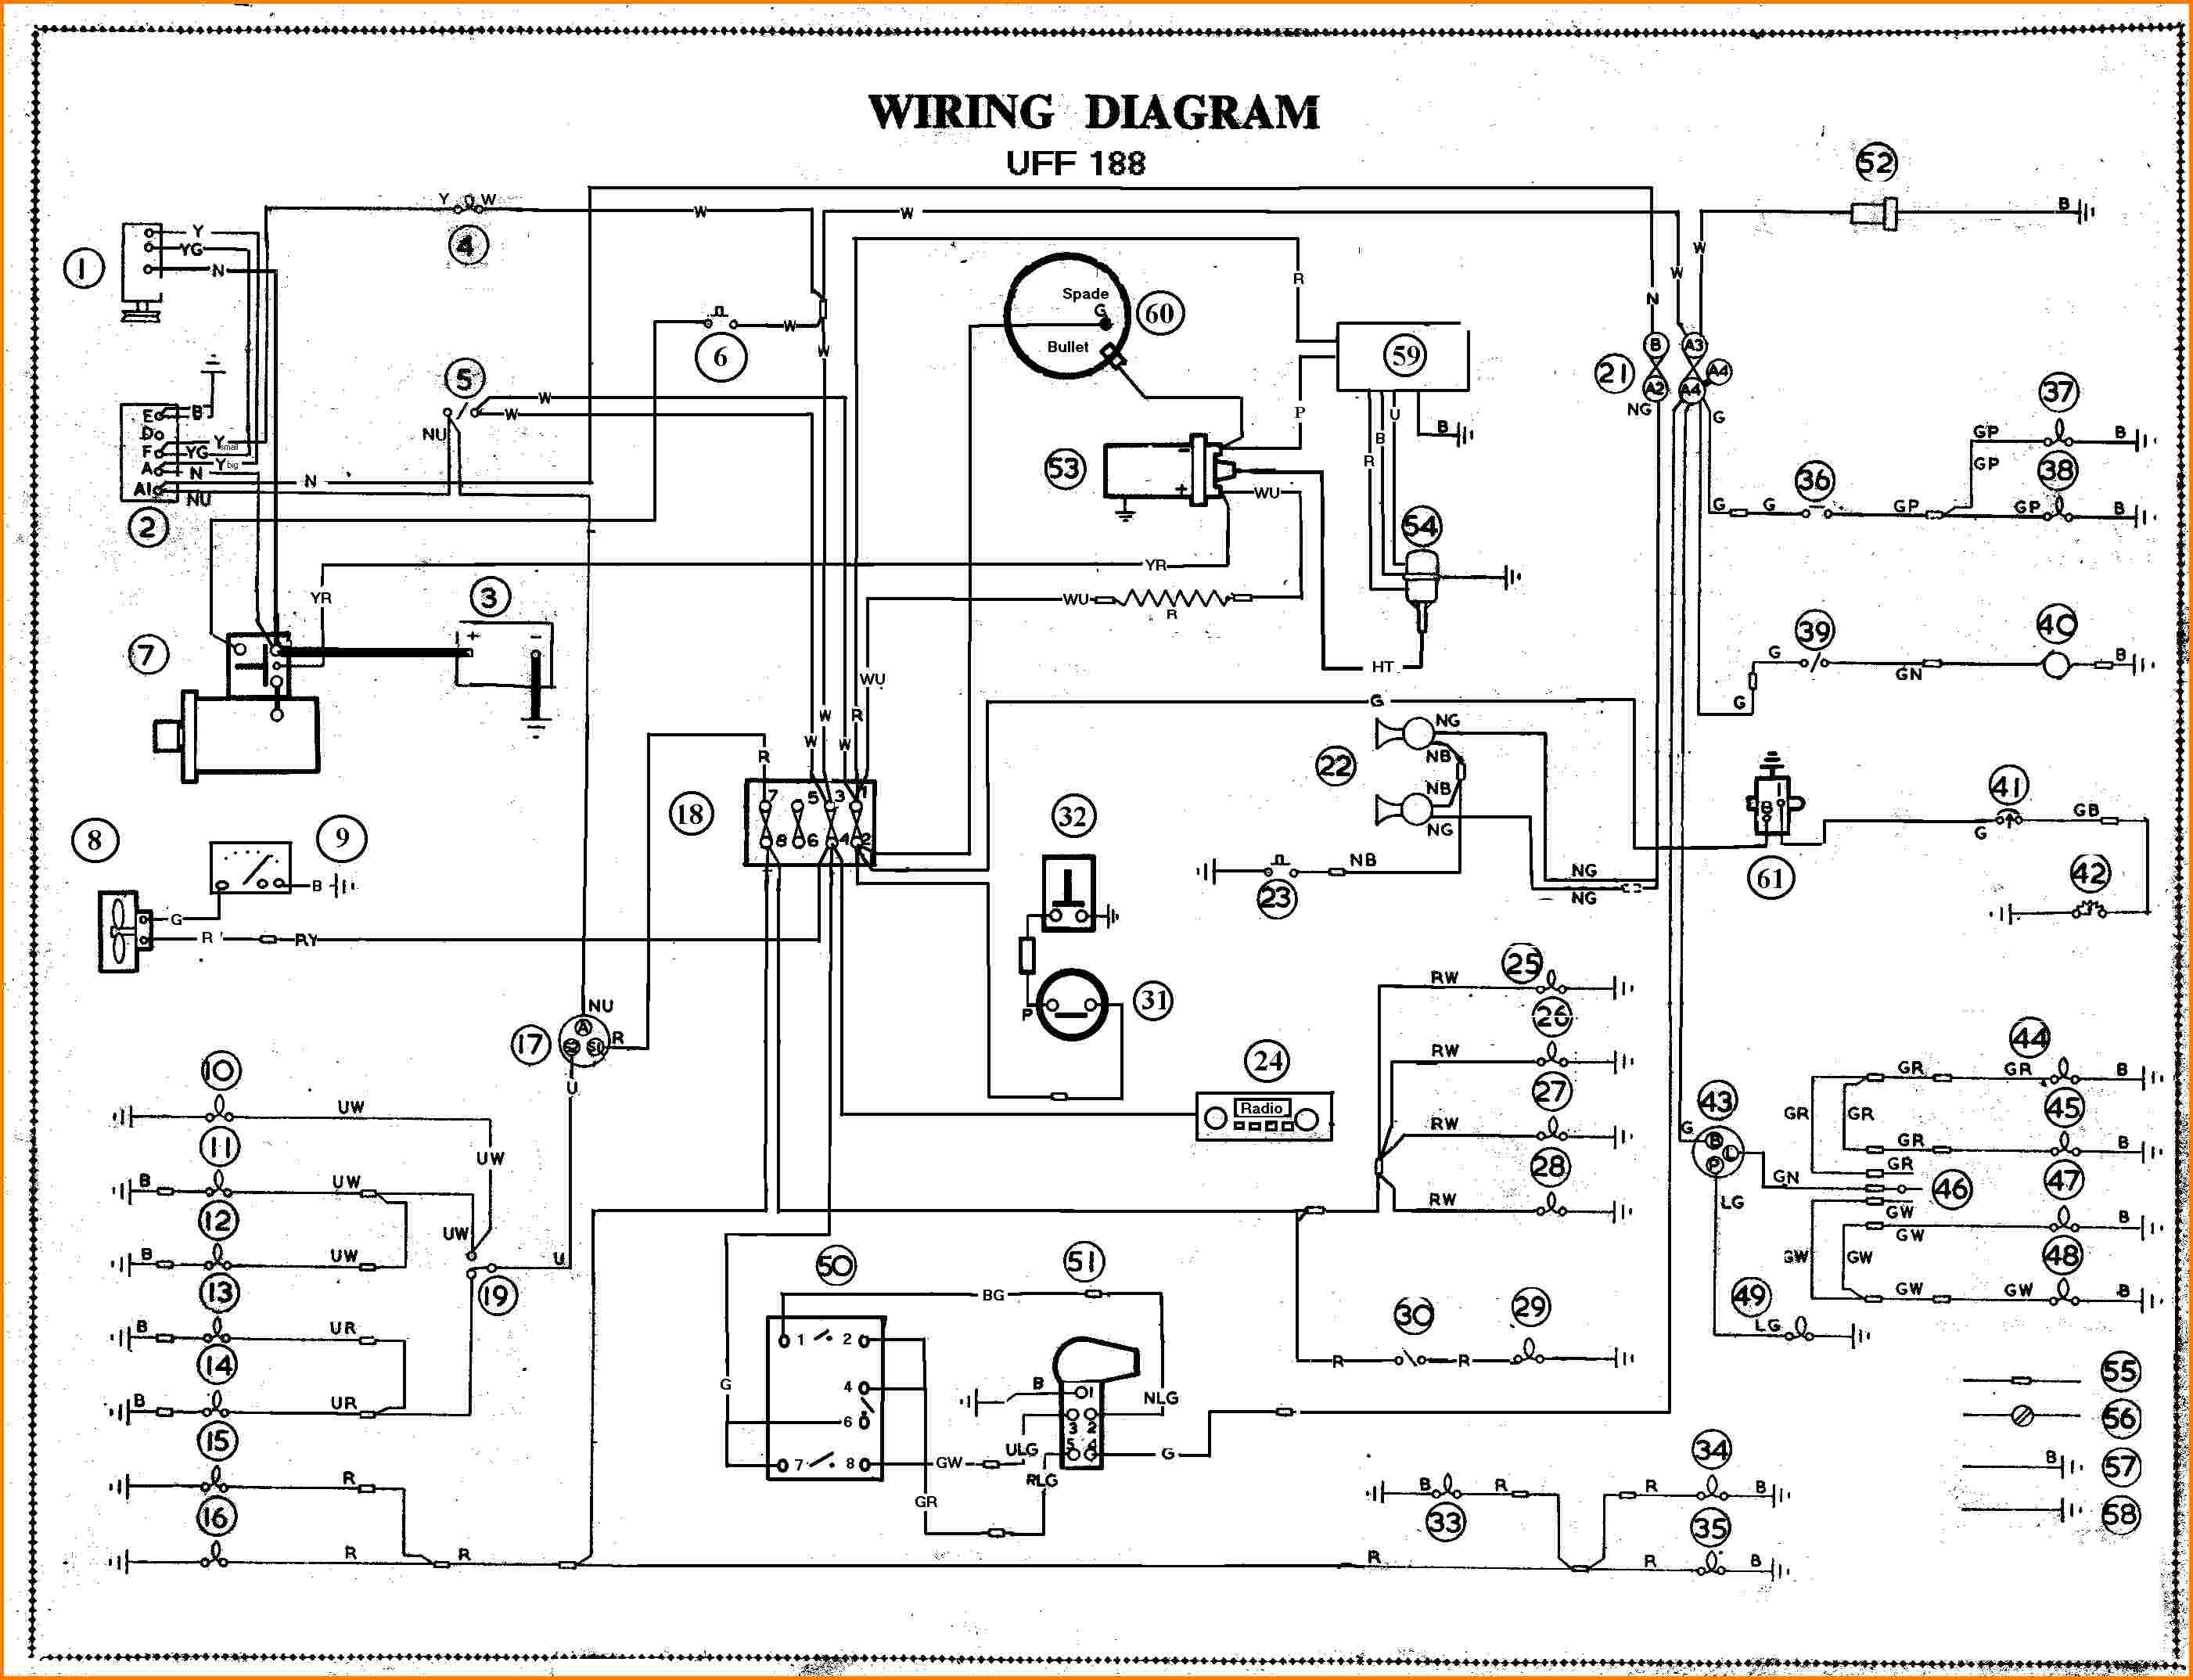 Wire Diagrams | Wiring Diagram - Automotive Wiring Diagram Symbols